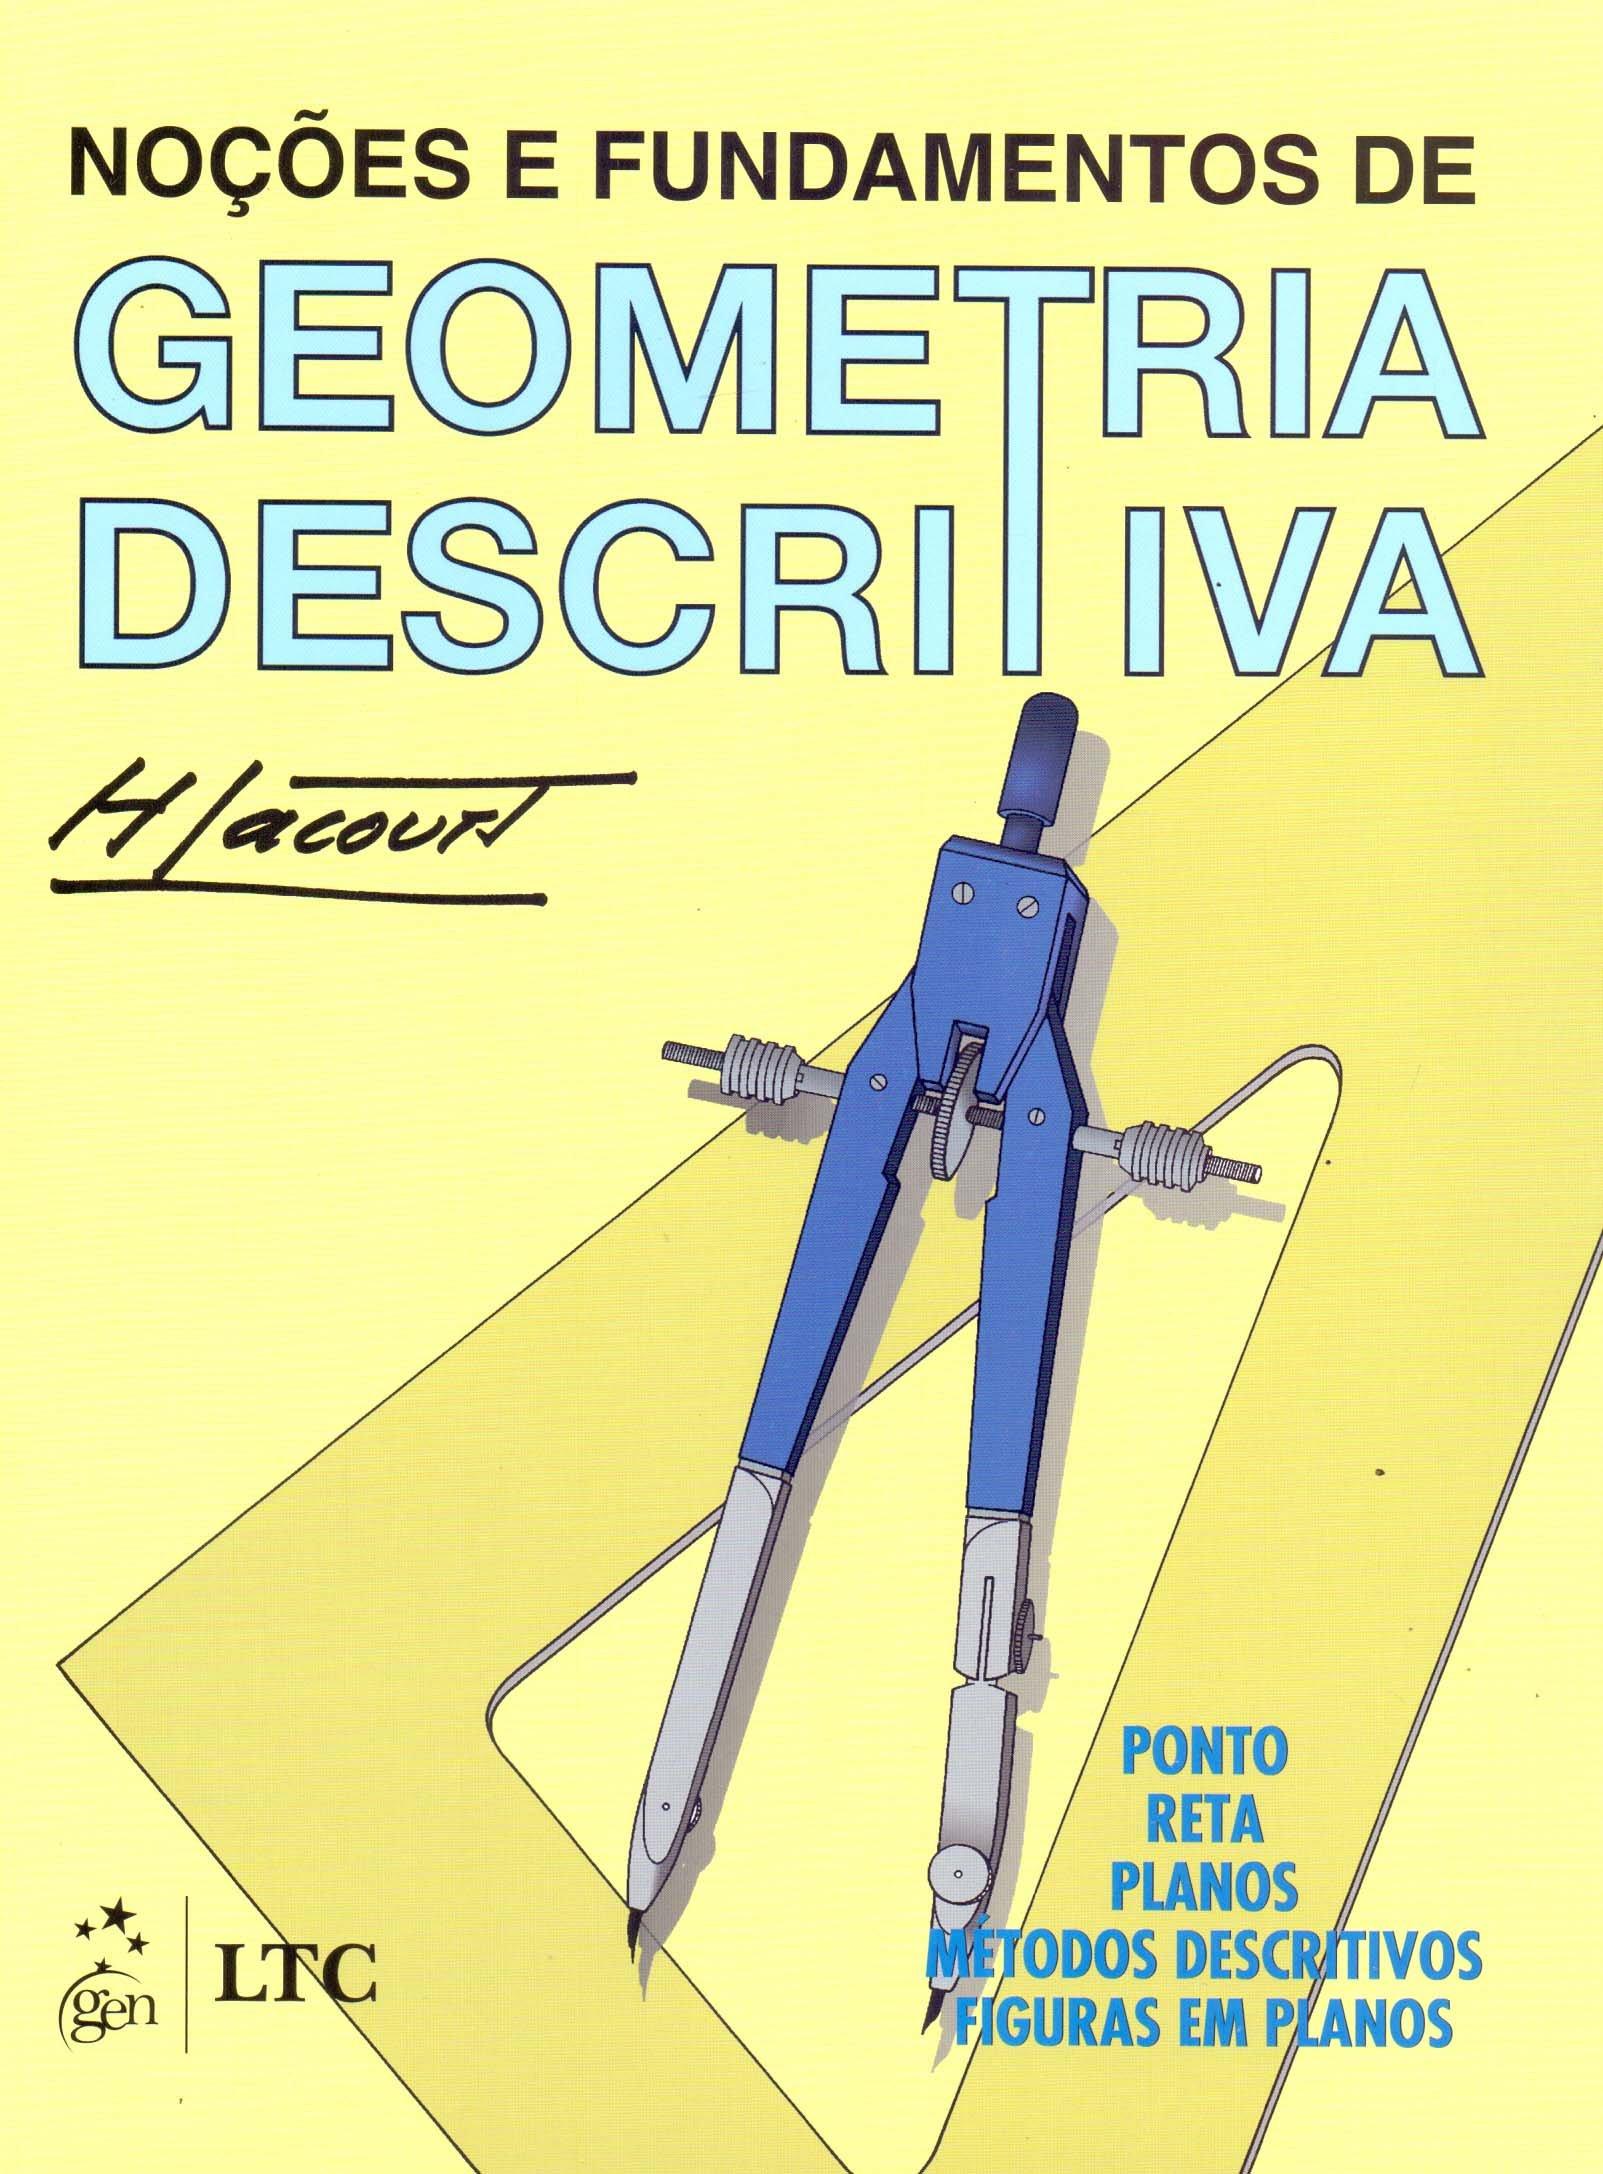 b816da42c Noções e Fundamentos de Geometria Descritiva - 9788527703406 - Livros na  Amazon Brasil